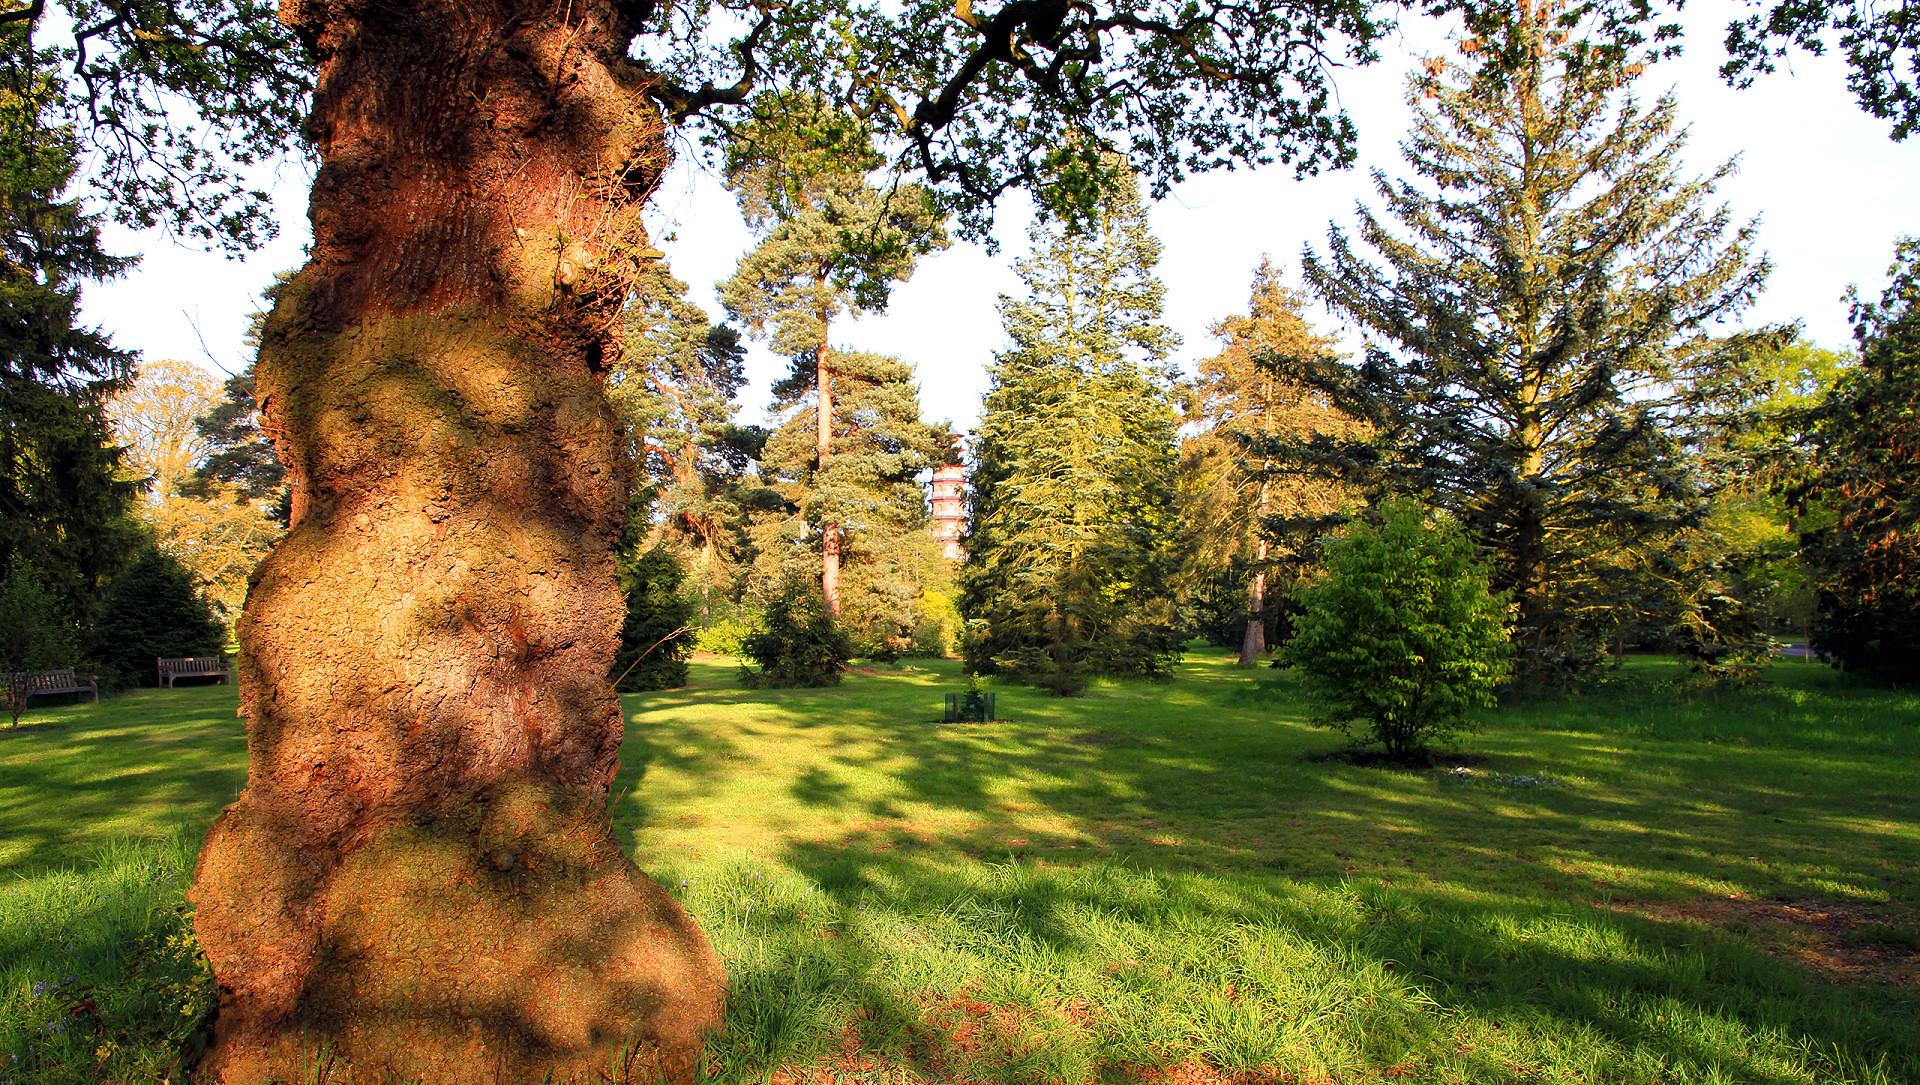 oak tree Wallpaper Background 37502 1920x1085